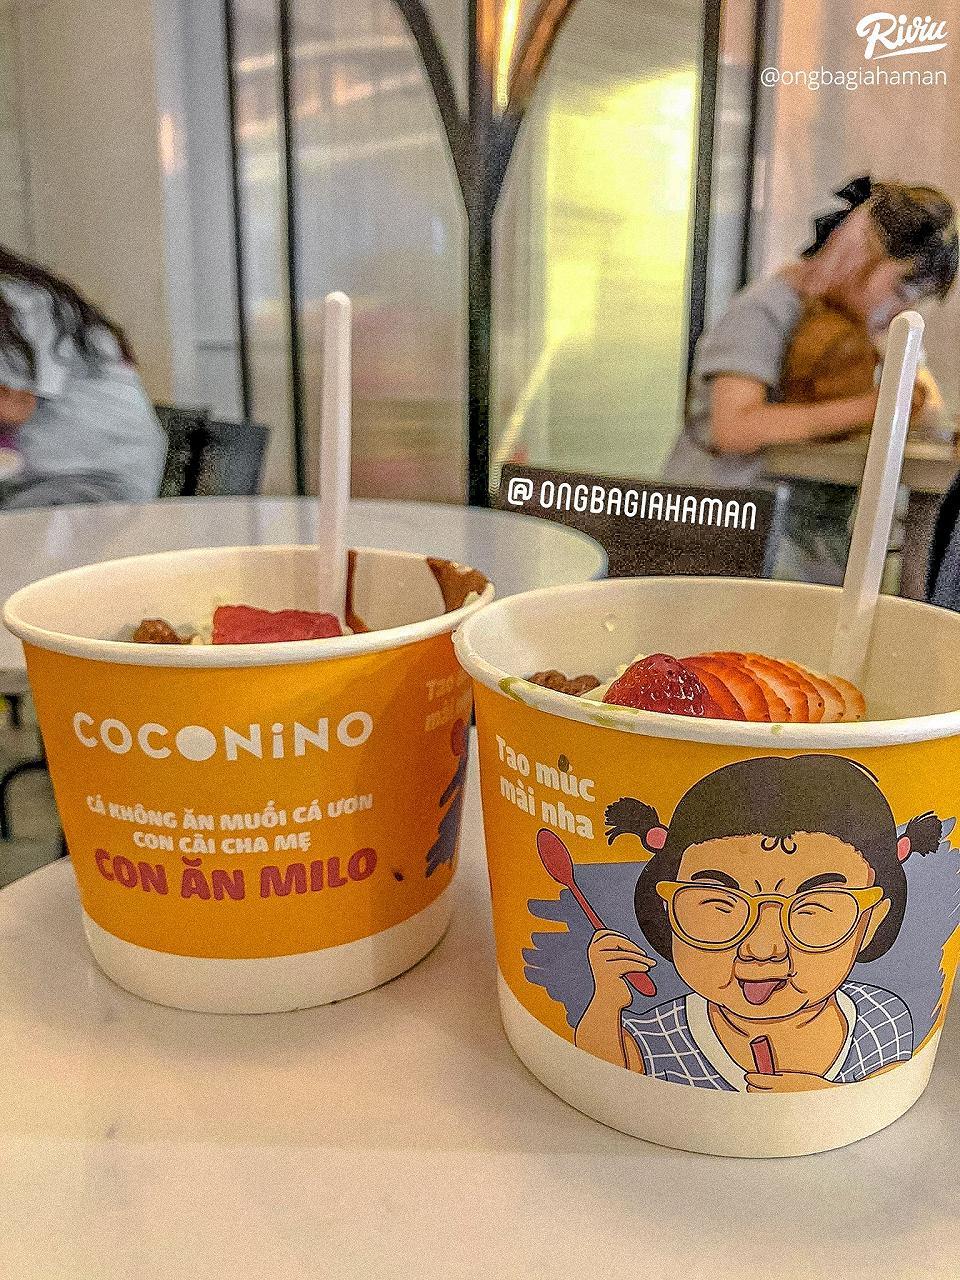 coconino - milo dam da bao - anh 1